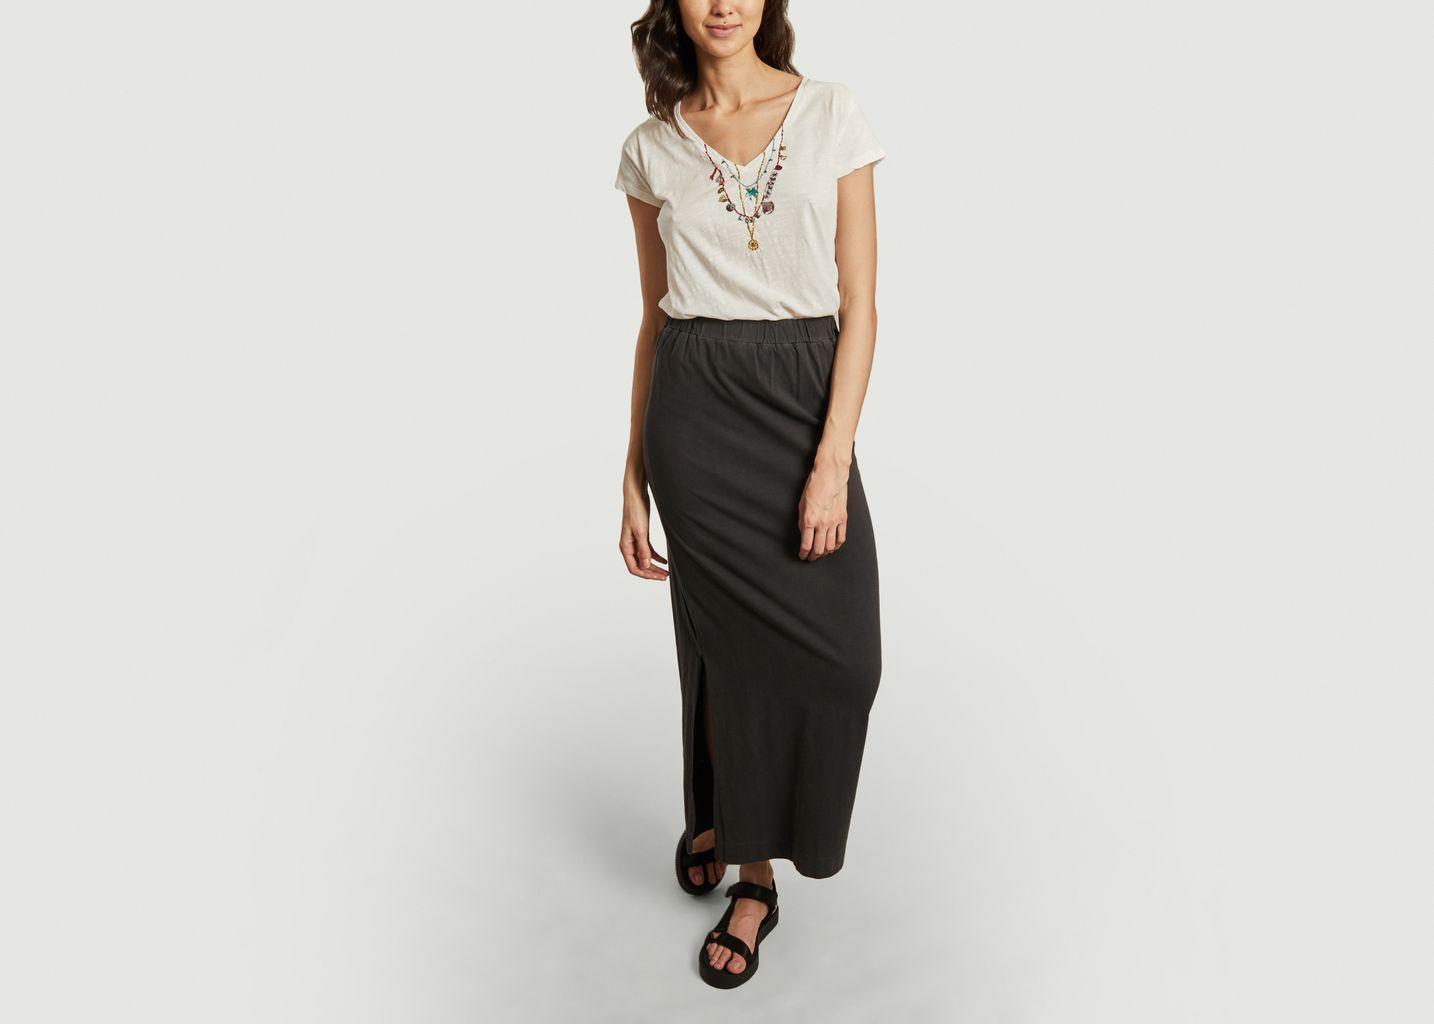 T-shirt en coton bio avec perles brodées Tonton Palm - Leon & Harper